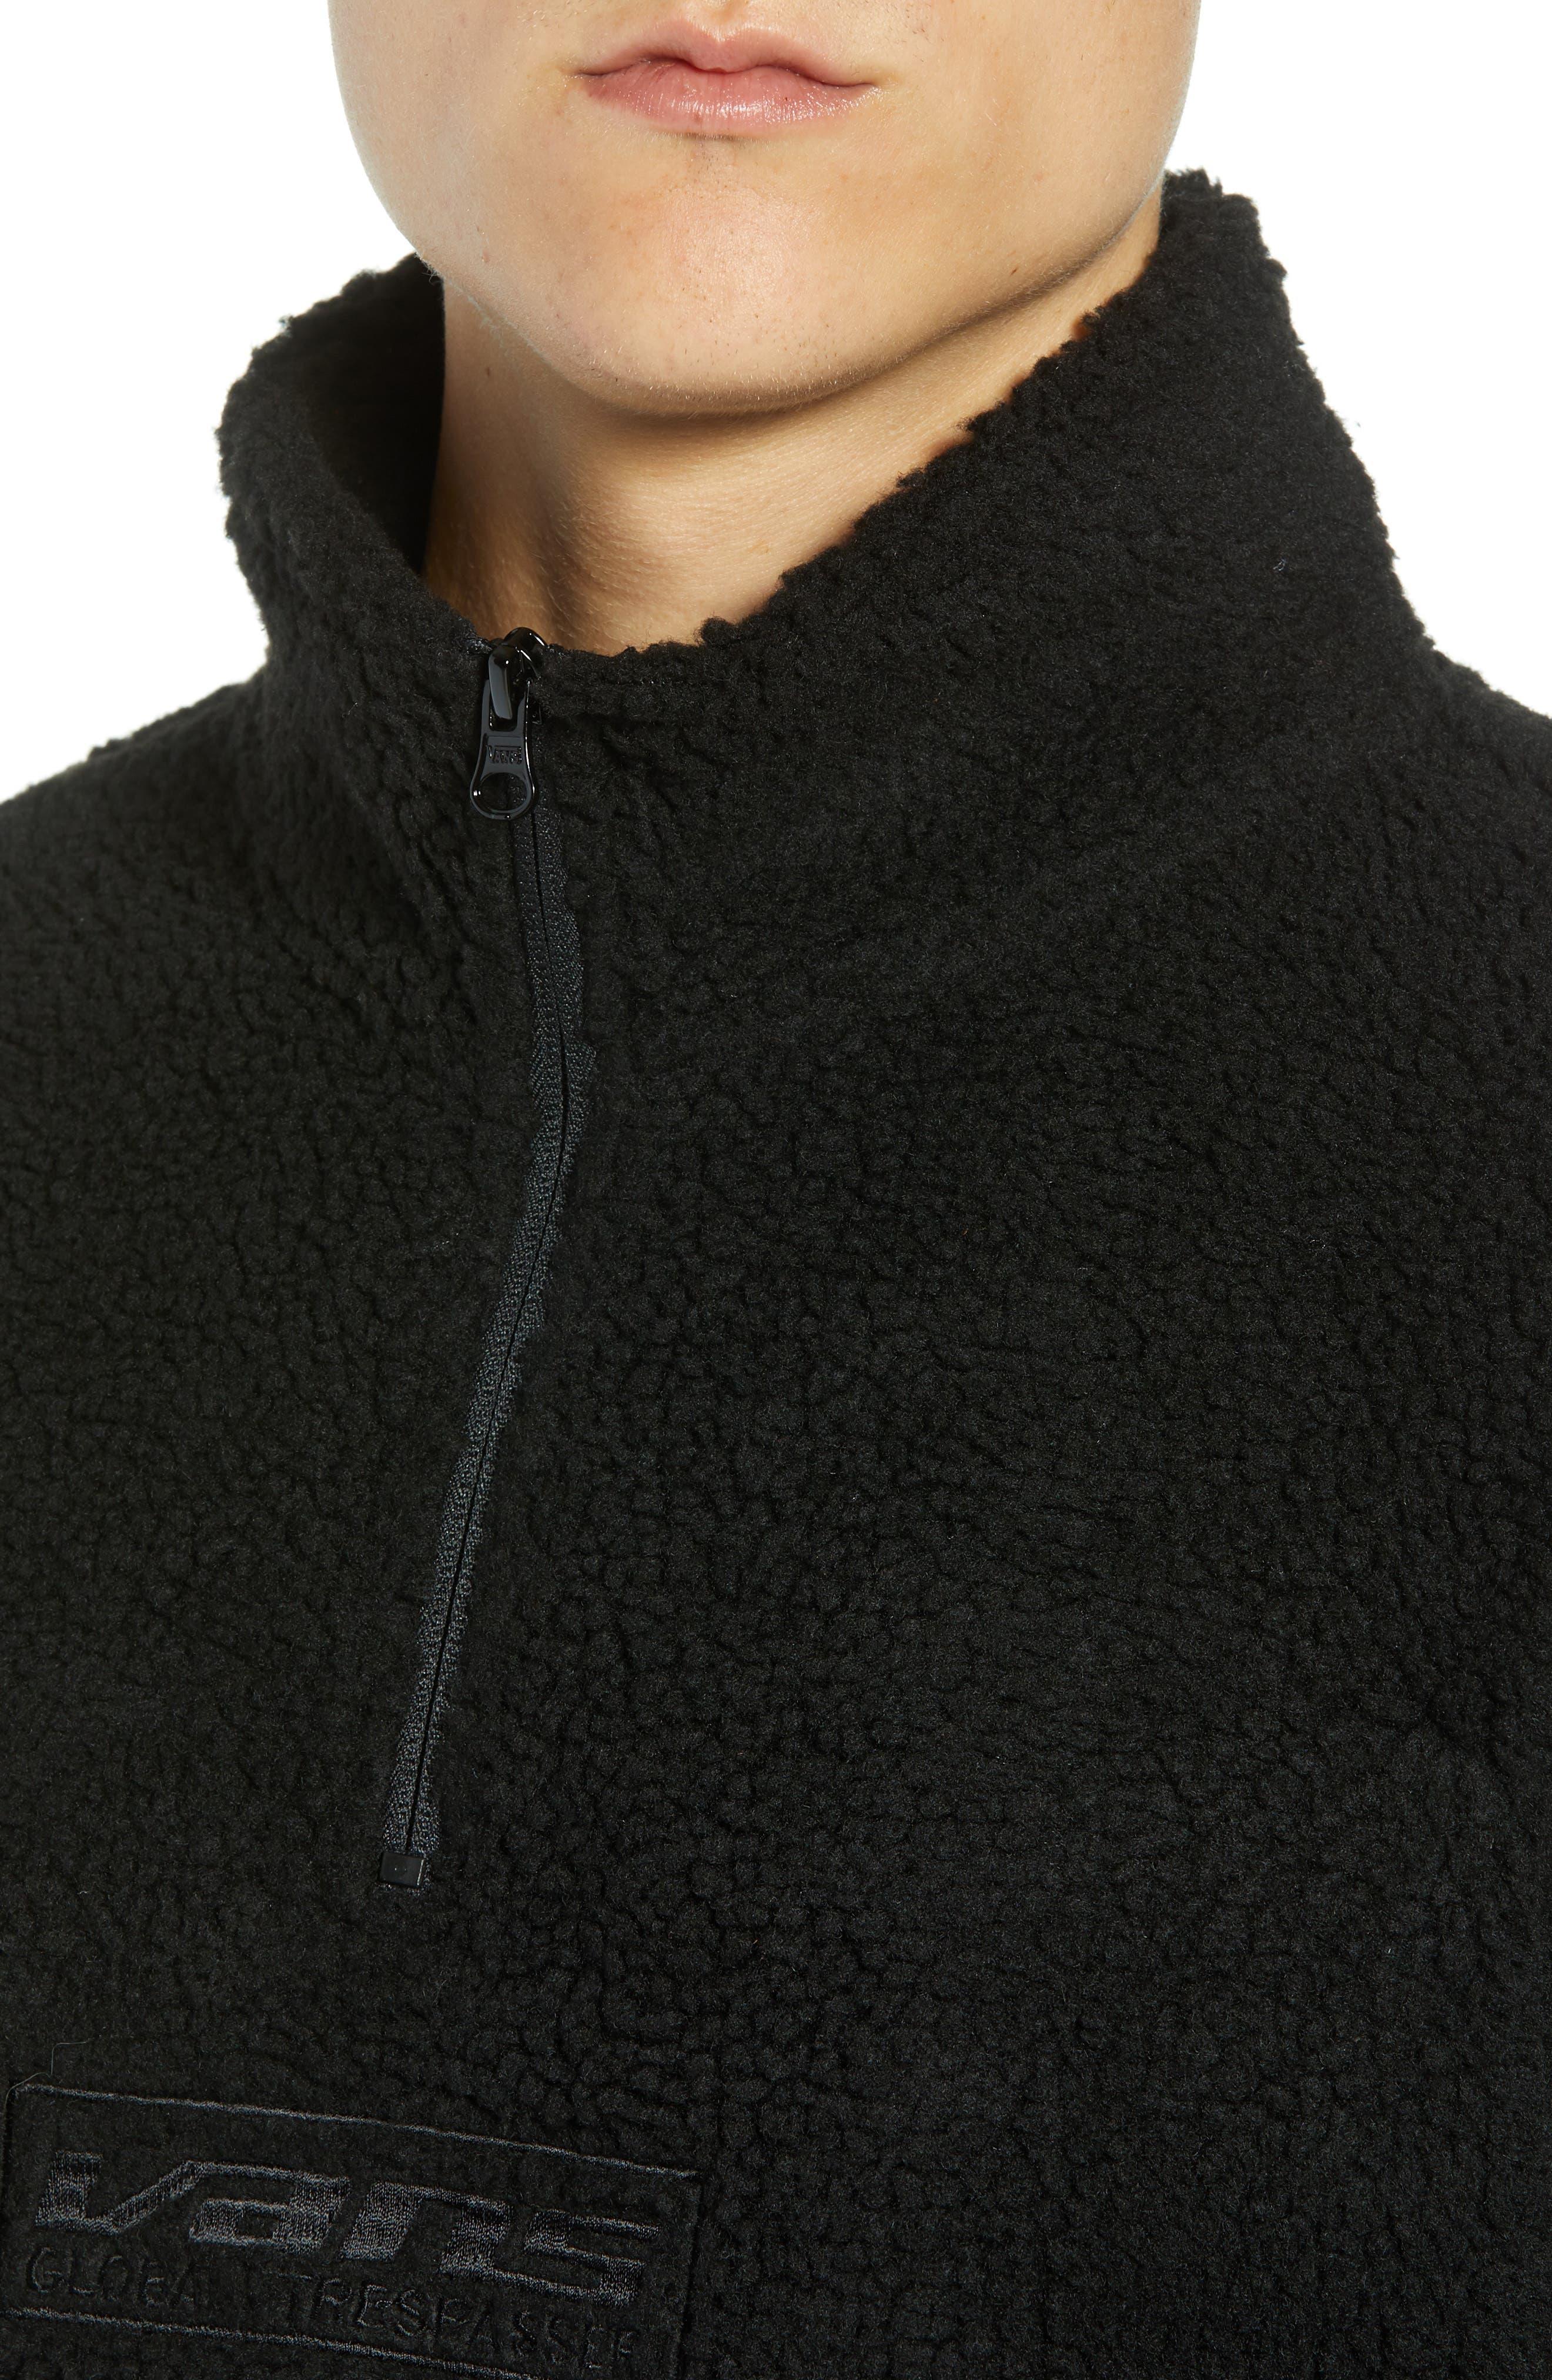 Global Trespassers Fleece Pullover,                             Alternate thumbnail 4, color,                             001